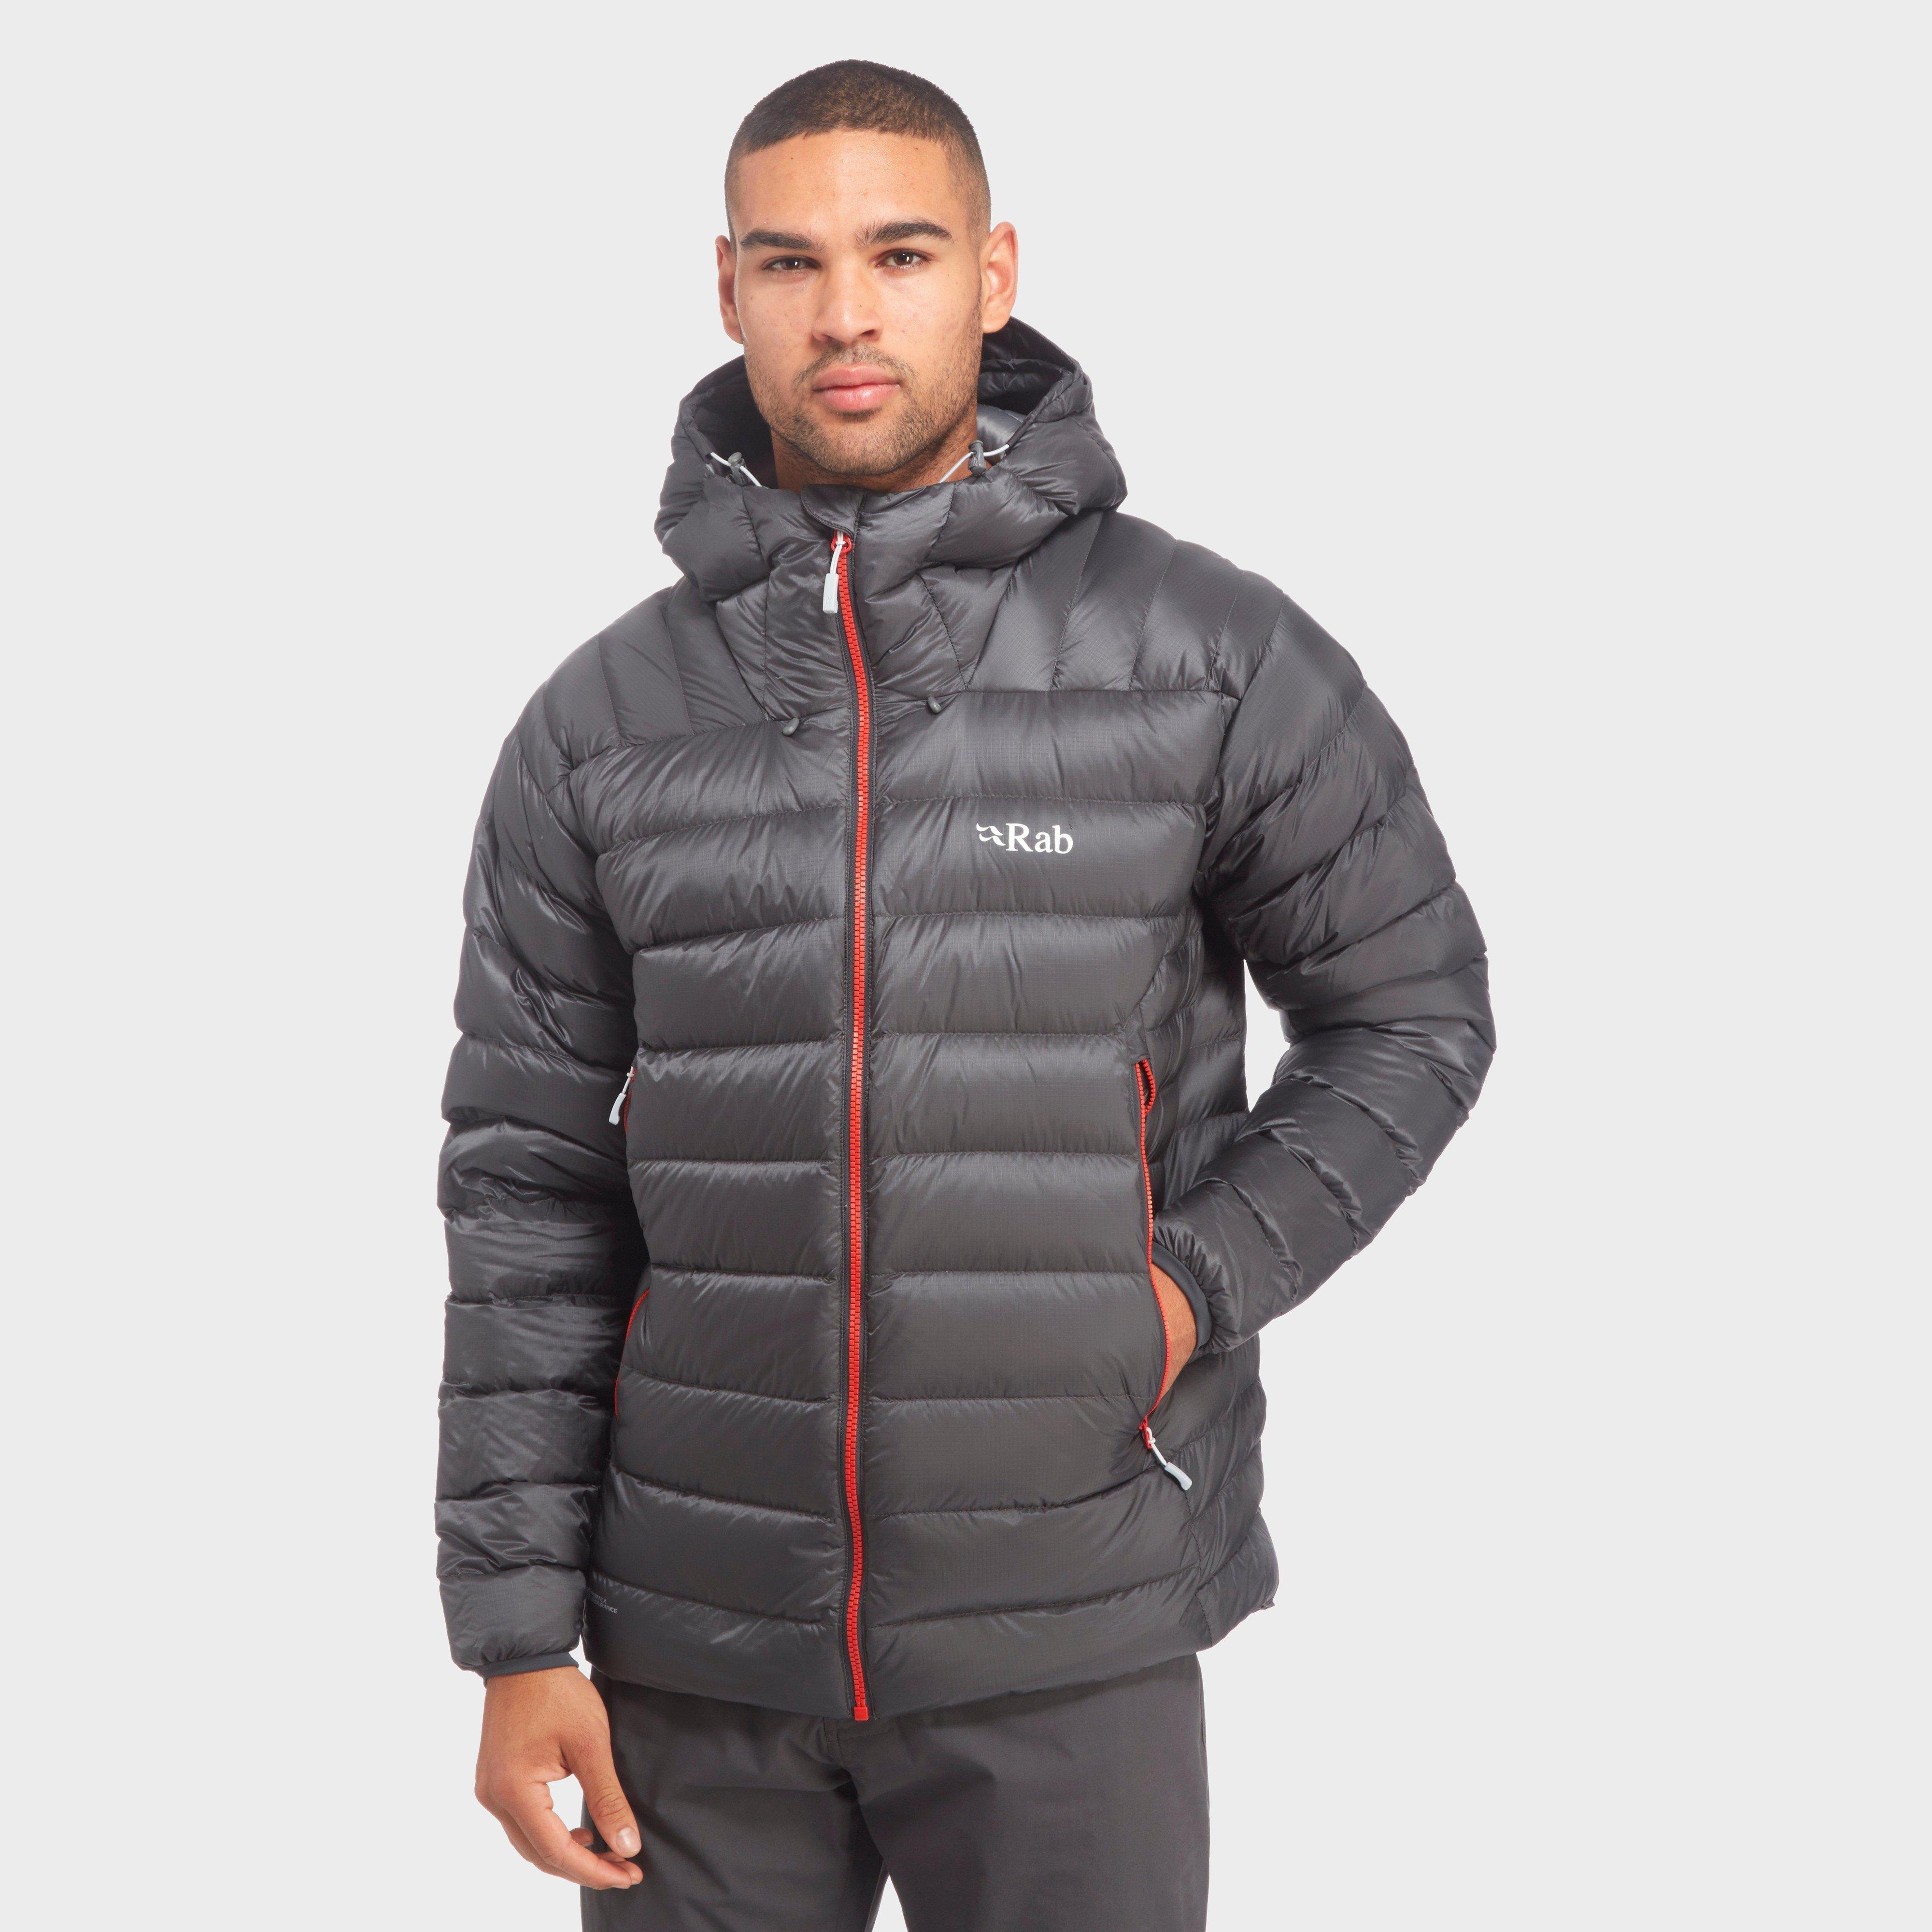 Rab Men's Electron Down Jacket, Grey/GRY